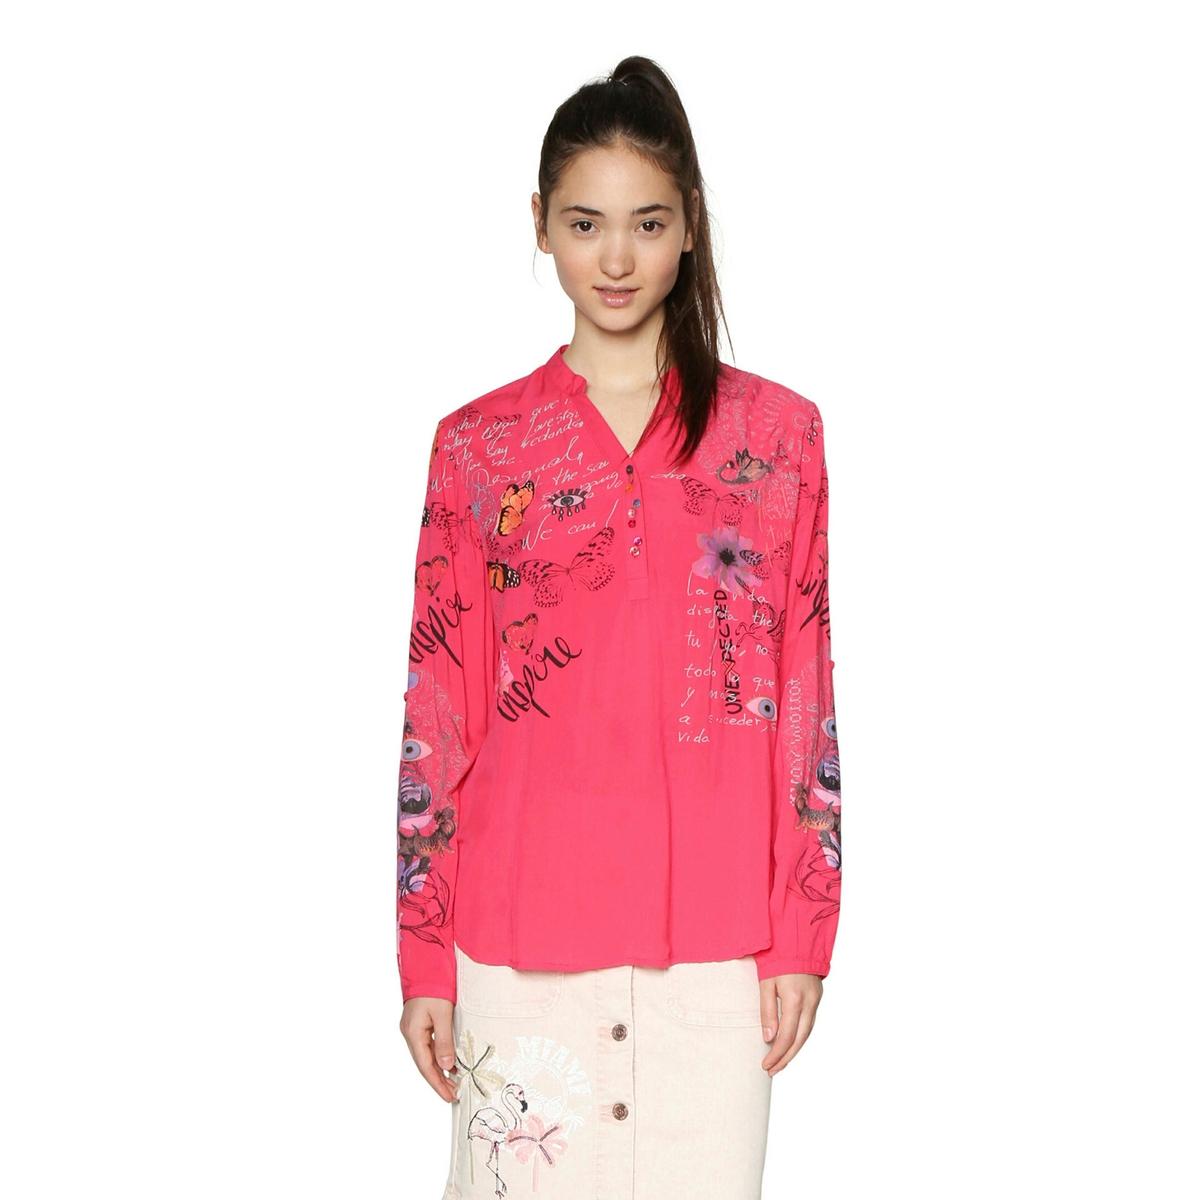 Blusa con cuello de pico y estampado de flores, de manga larga